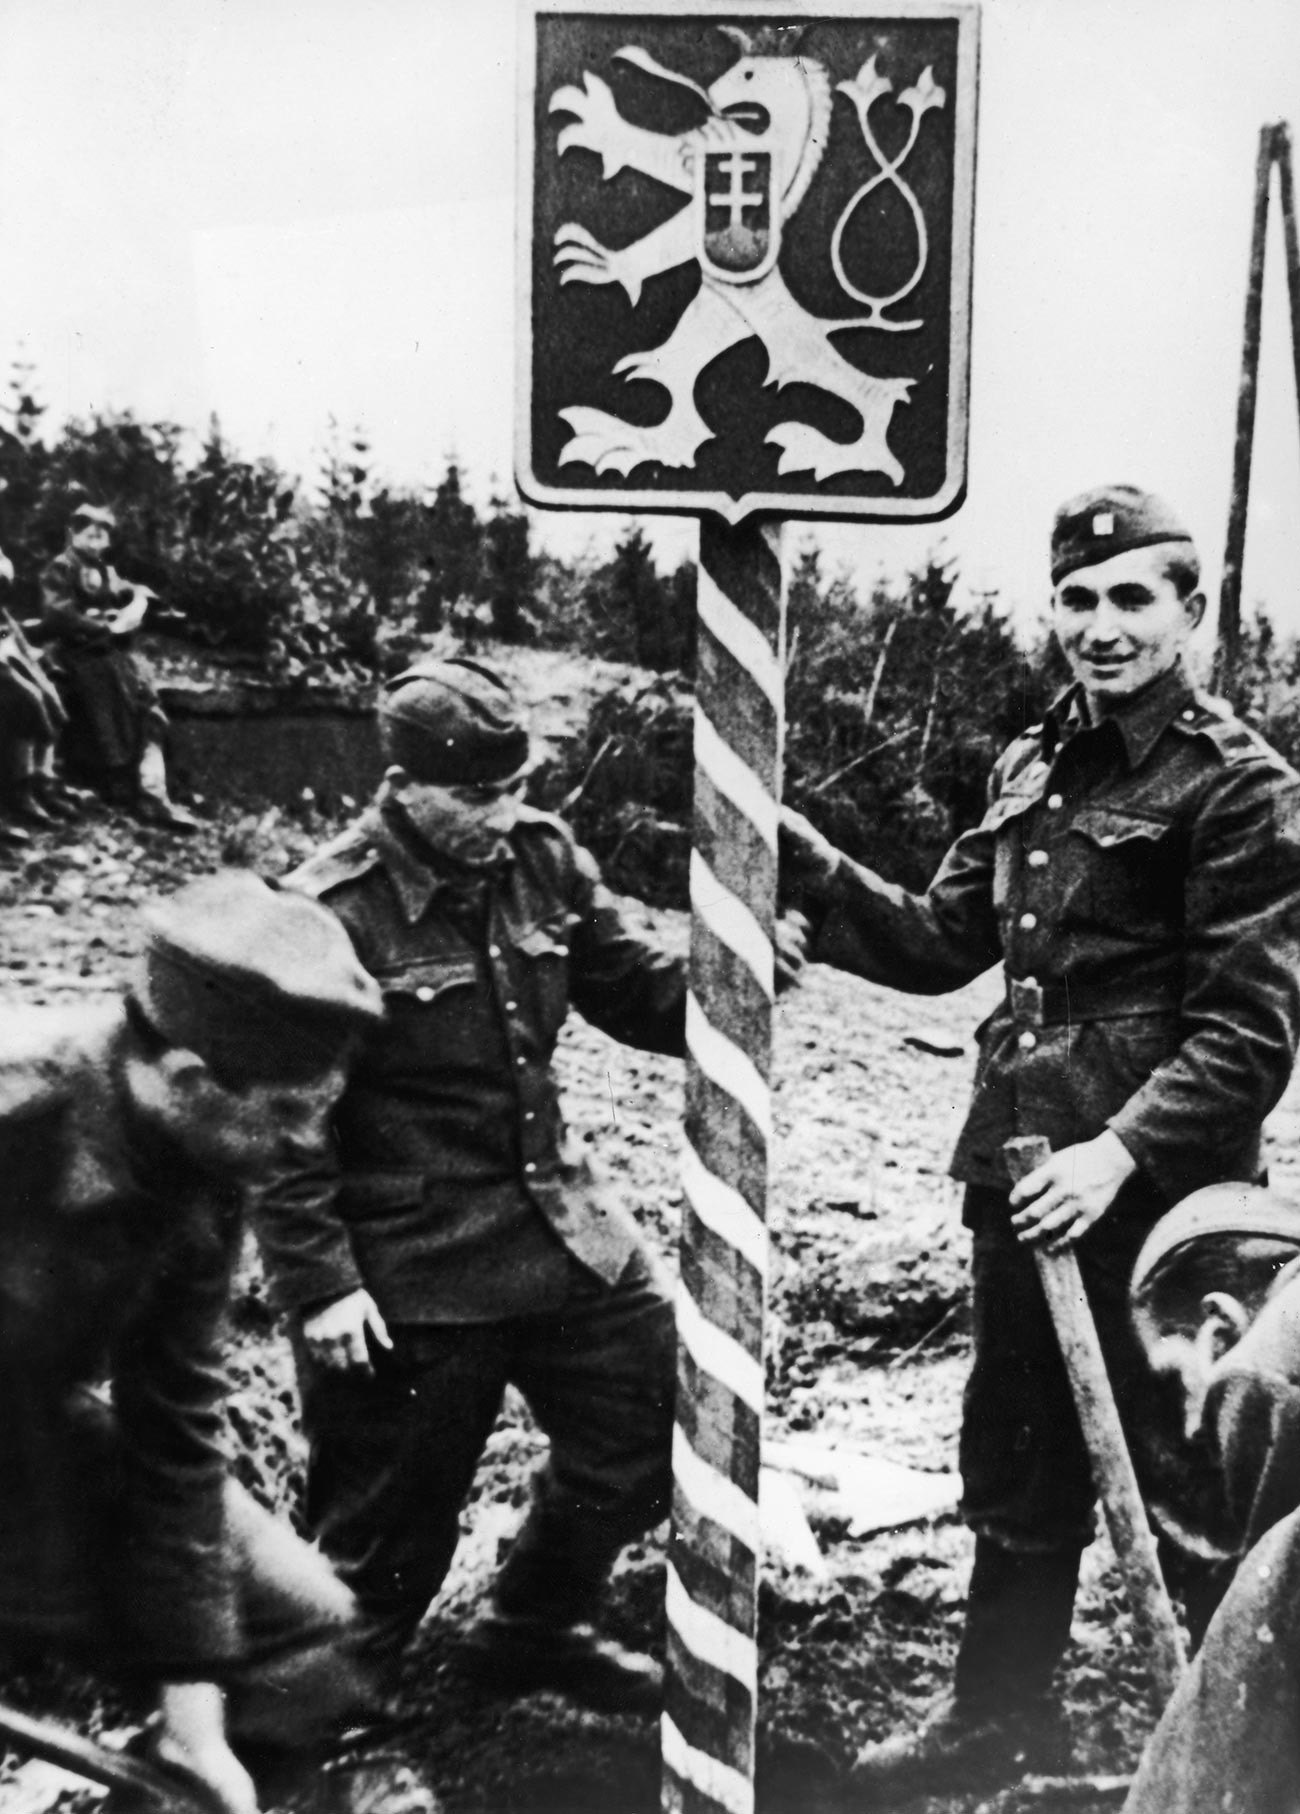 Češki vojnici u ruskoj uniformi podižu novi granični prijelaz na prijevoju Dukla, u nedavno oslobođenom dijelu svoje zemlje, 13. prosinca 1944.